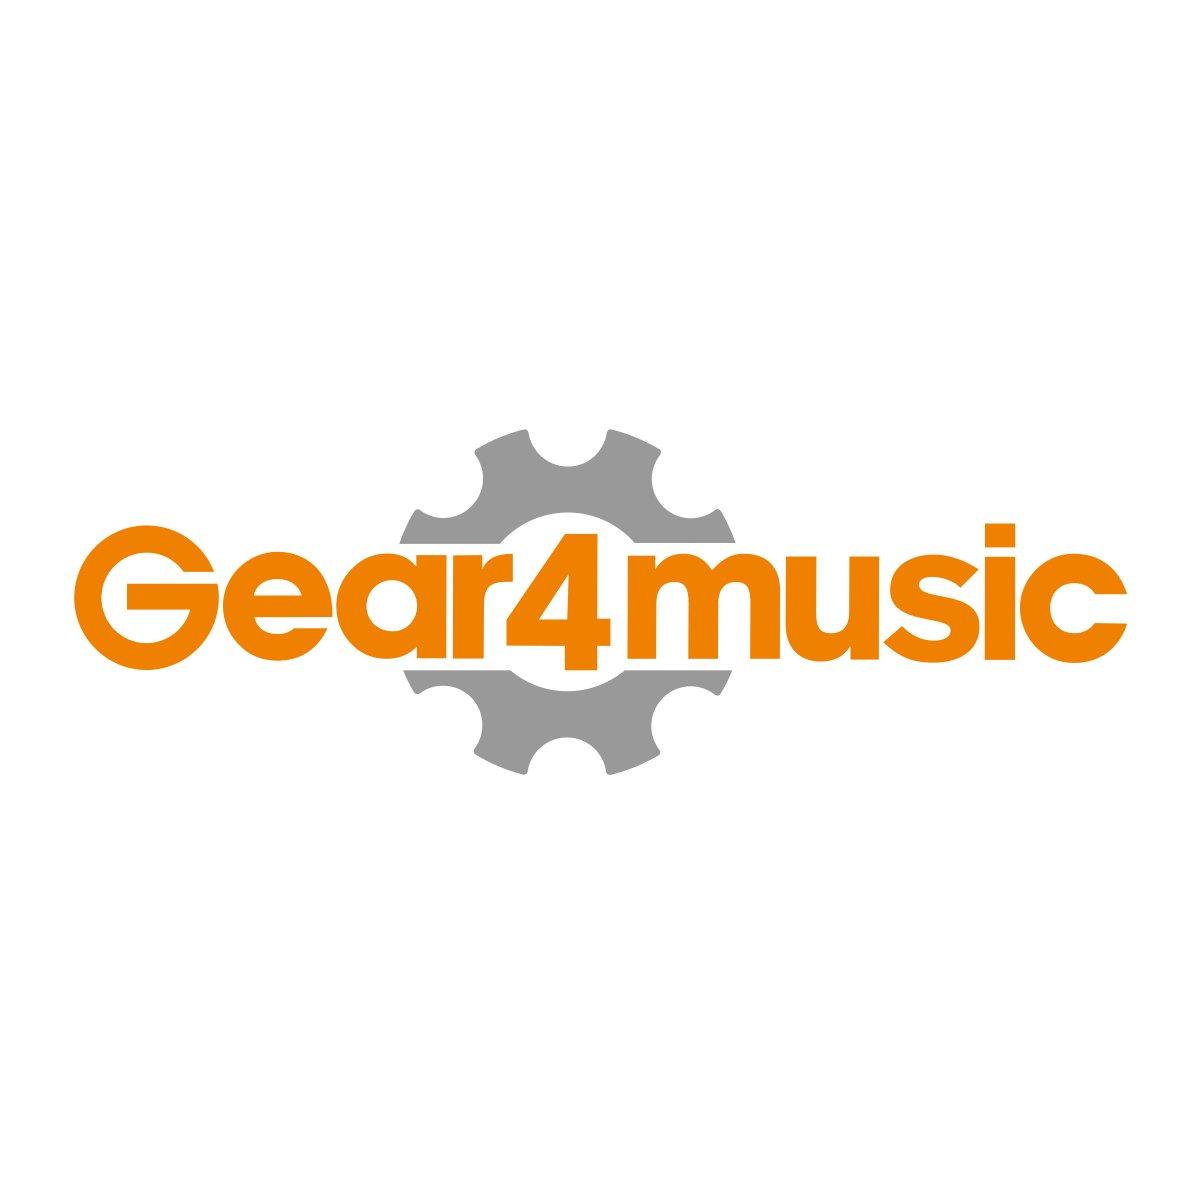 61 Key ABS Keyboard Case by Gear4music